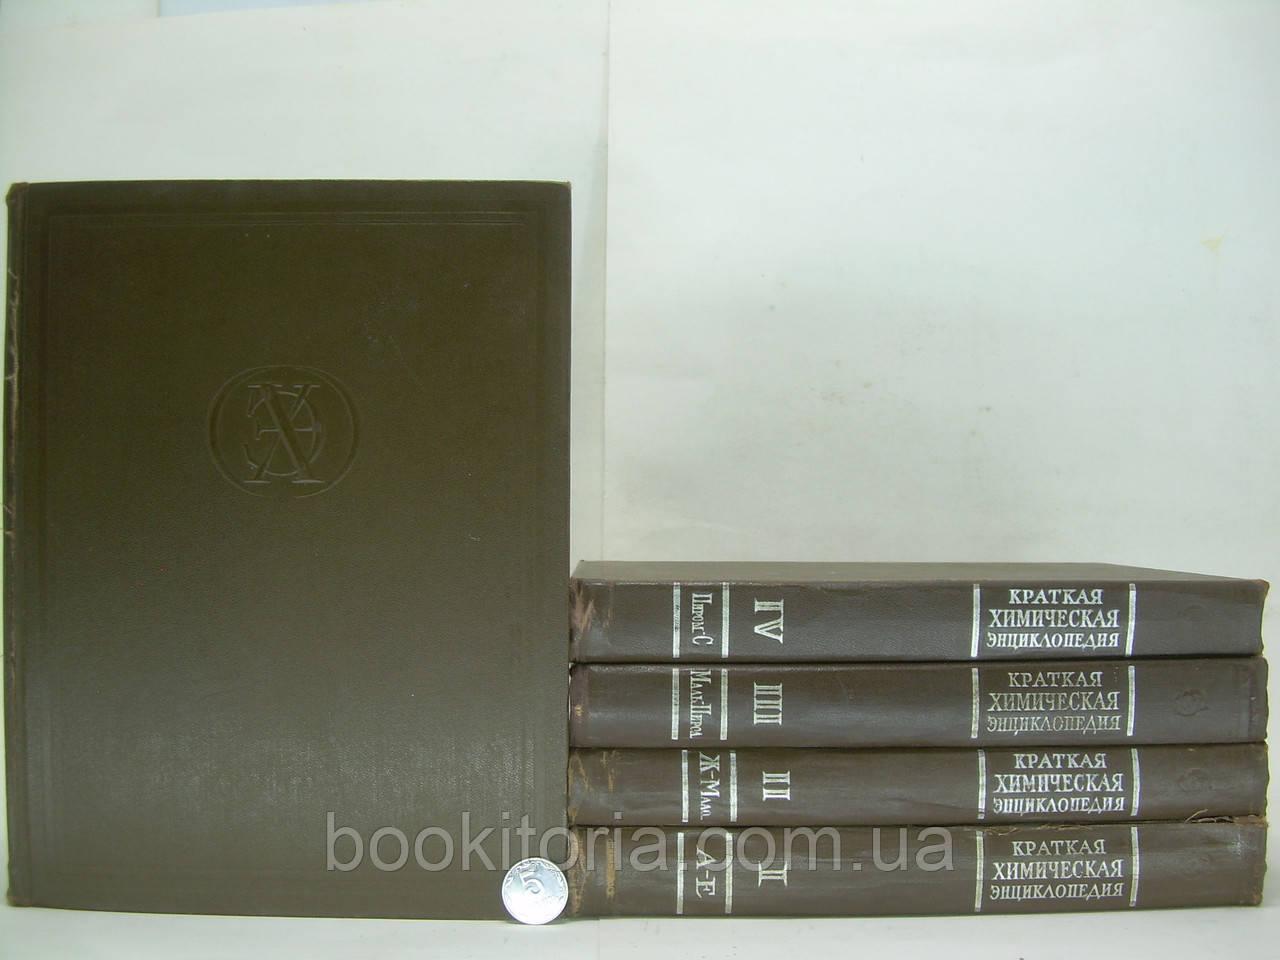 Краткая химическая энциклопедия. В пяти томах (б/у).